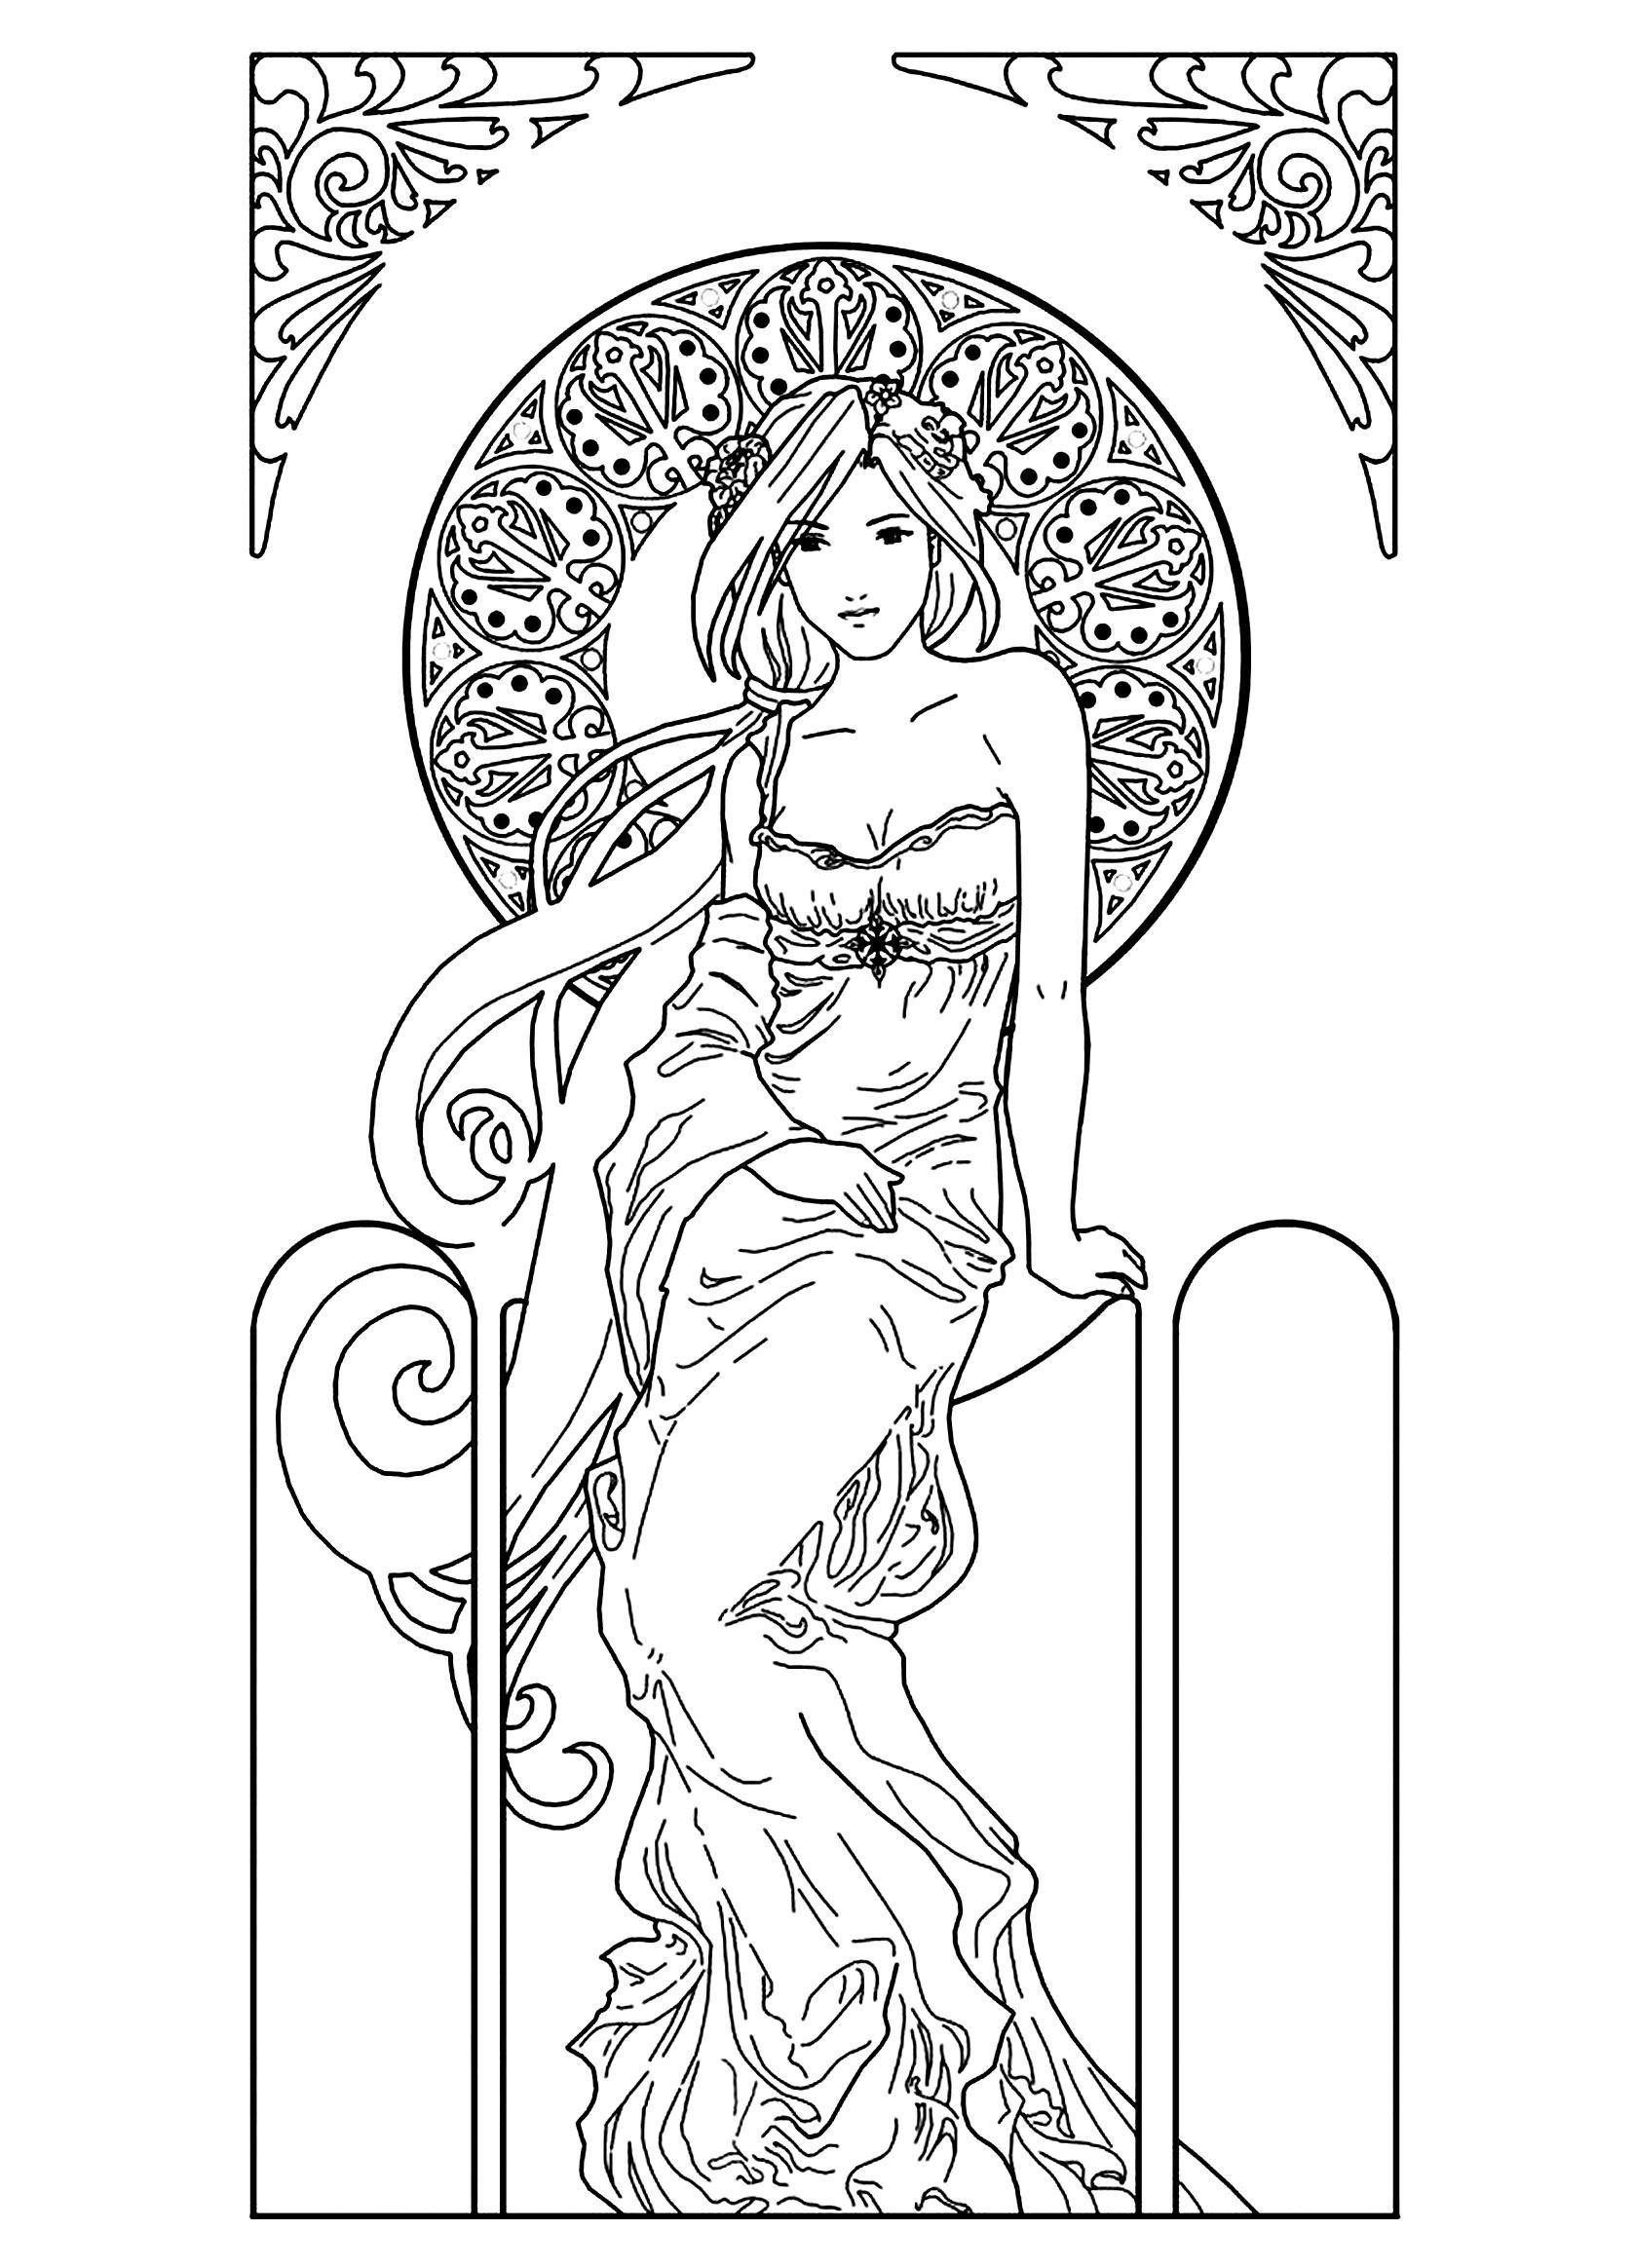 Disegni da colorare per adulti : Art nouveau - 14